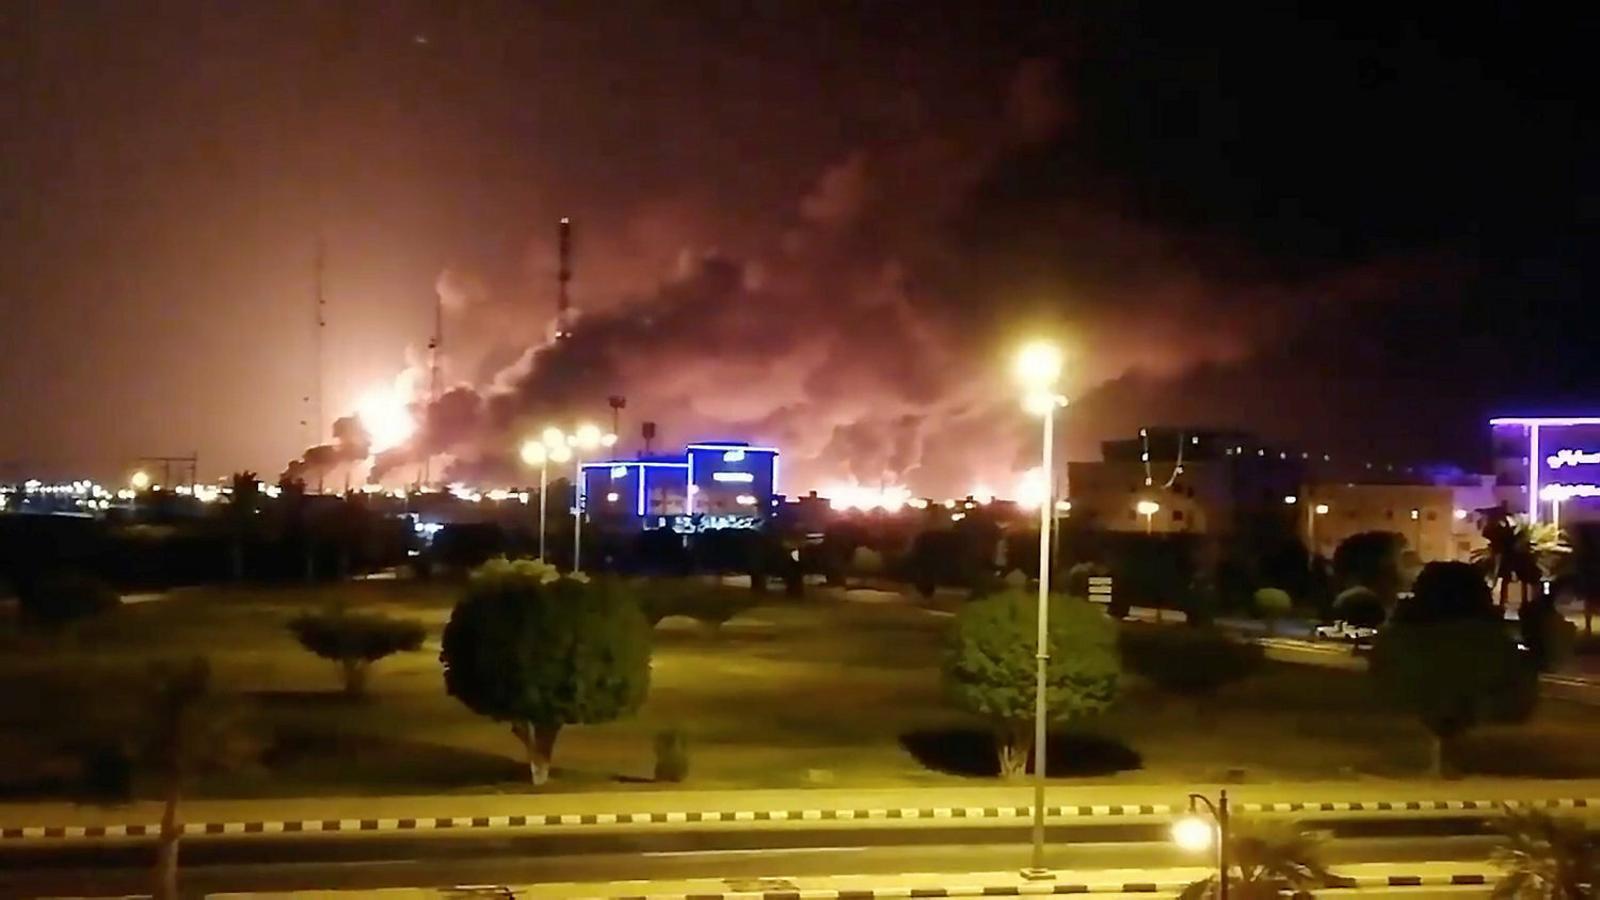 Els EUA acusen l'Iran de l'atac a les petrolieres saudites